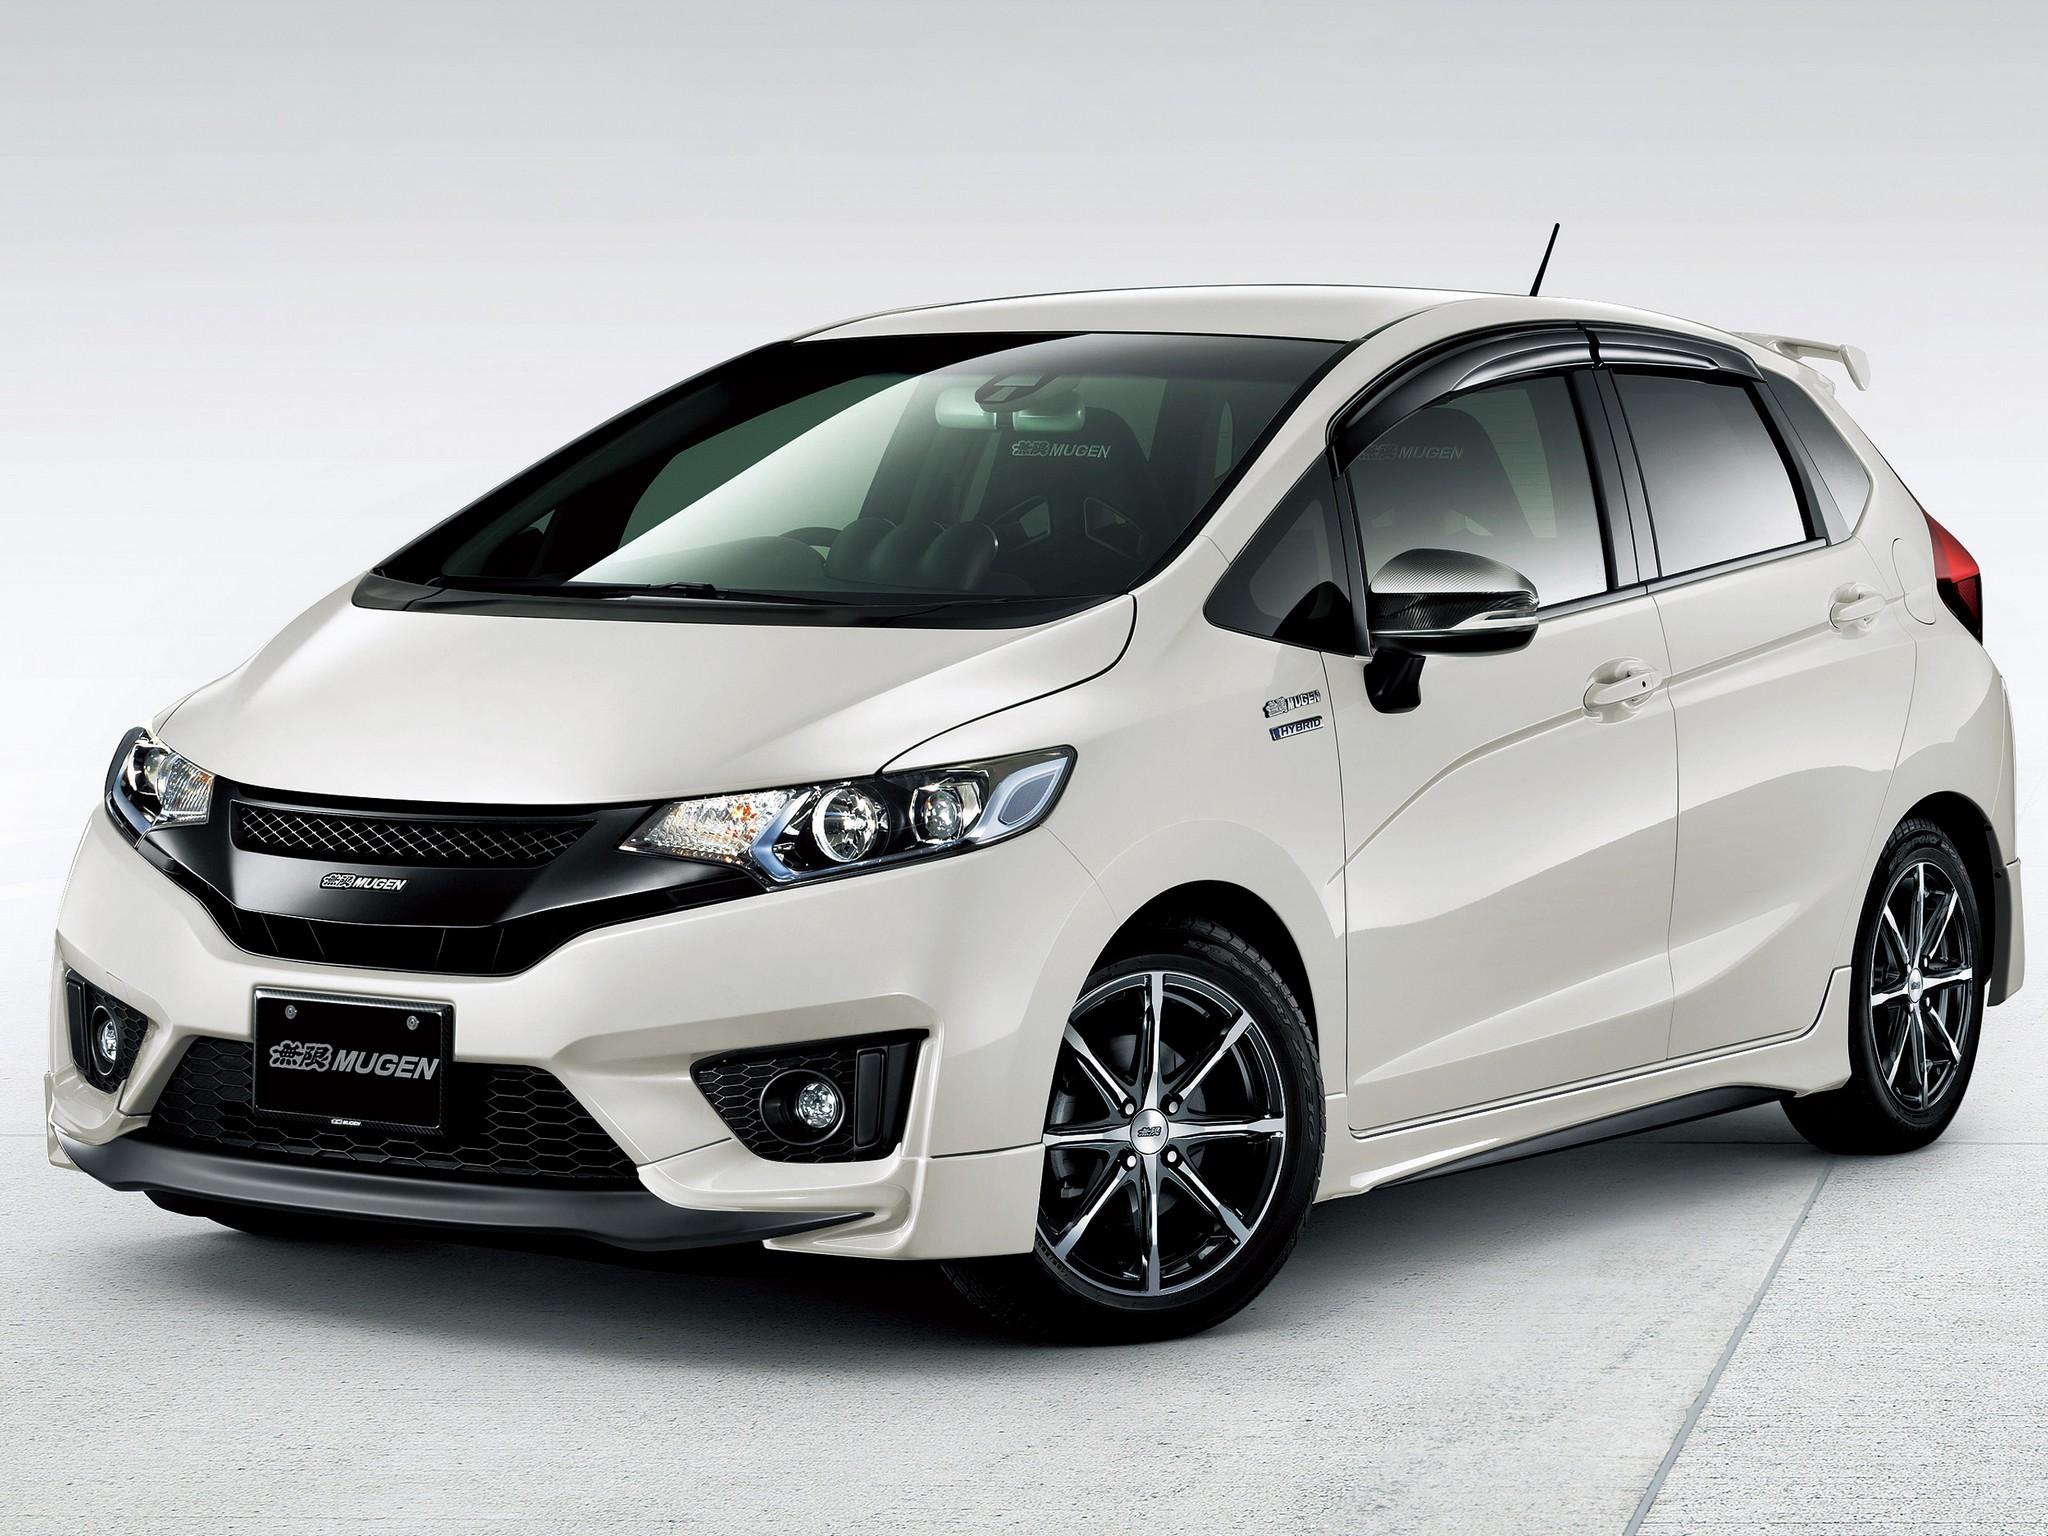 2013 Mugen Honda Fit Hybrid